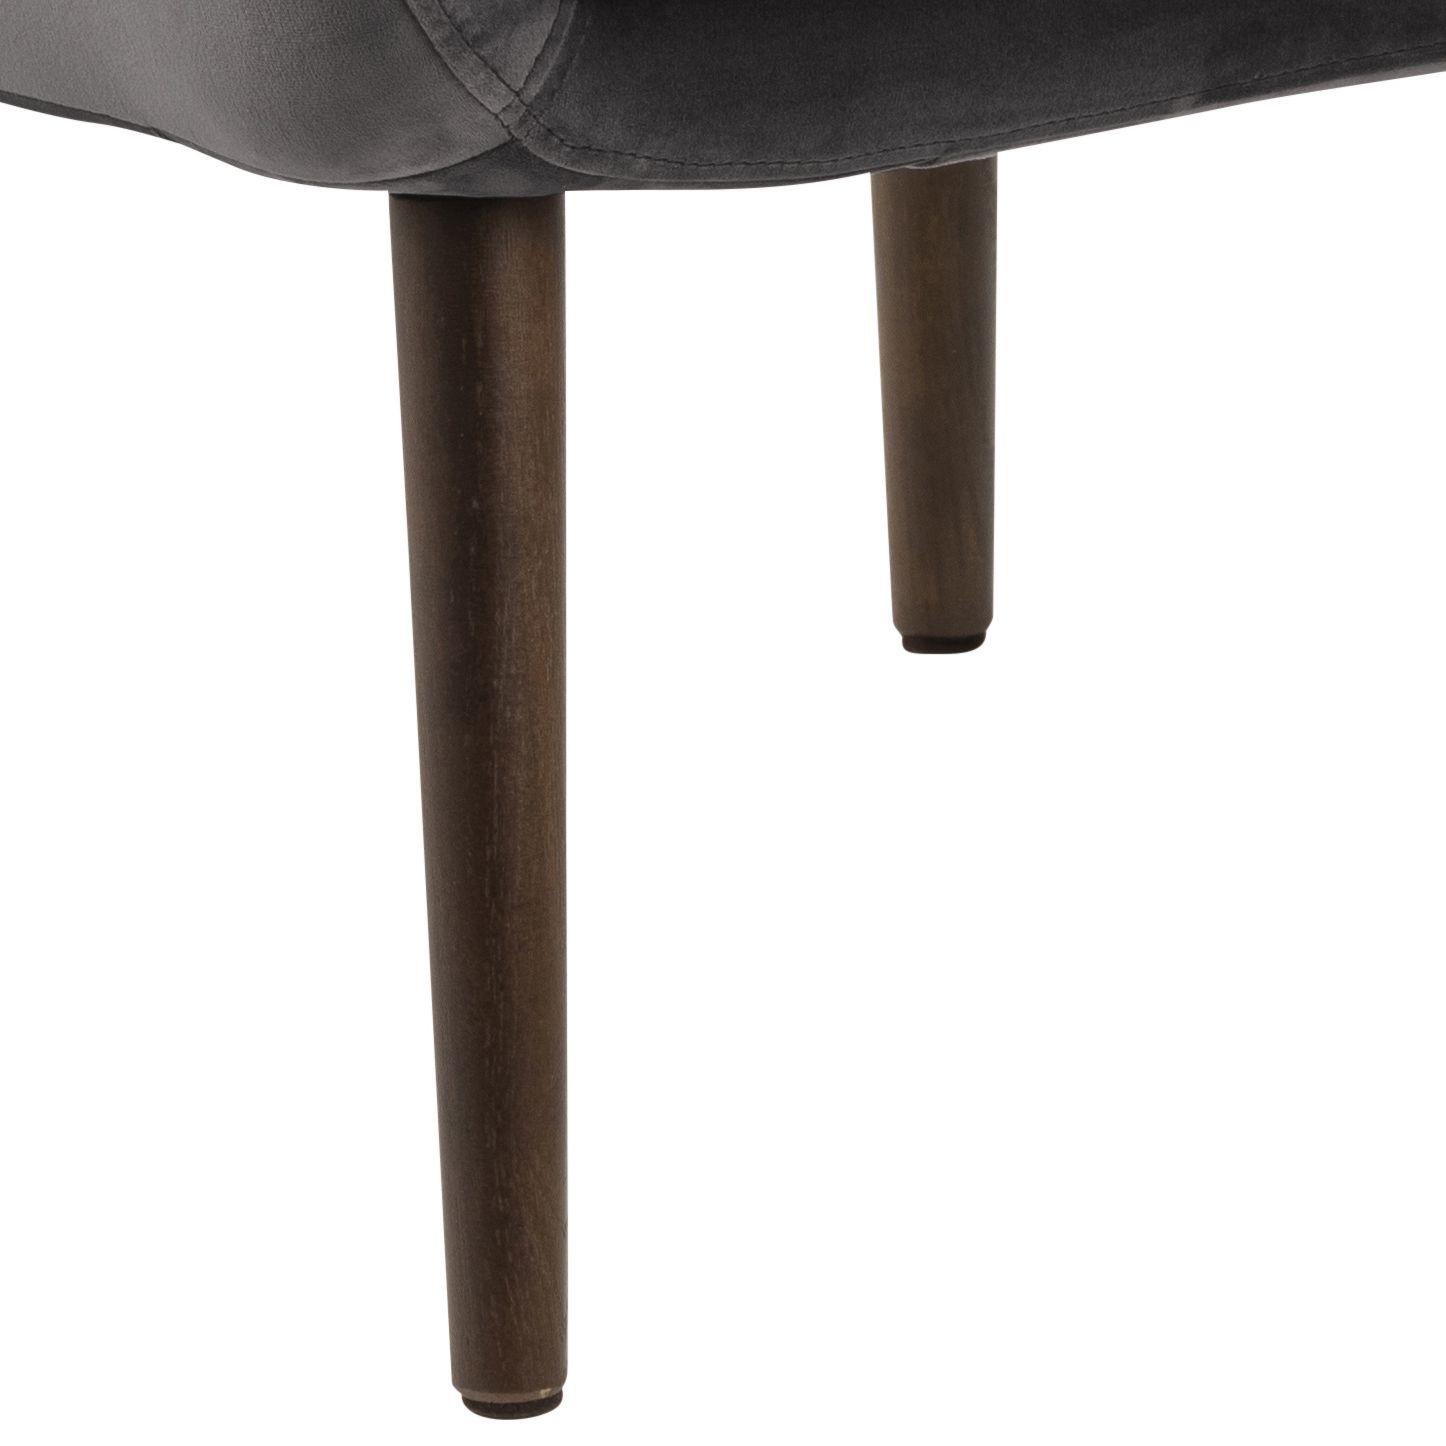 nora-fauteuil-houten-poten-grijs-velours-stof-2